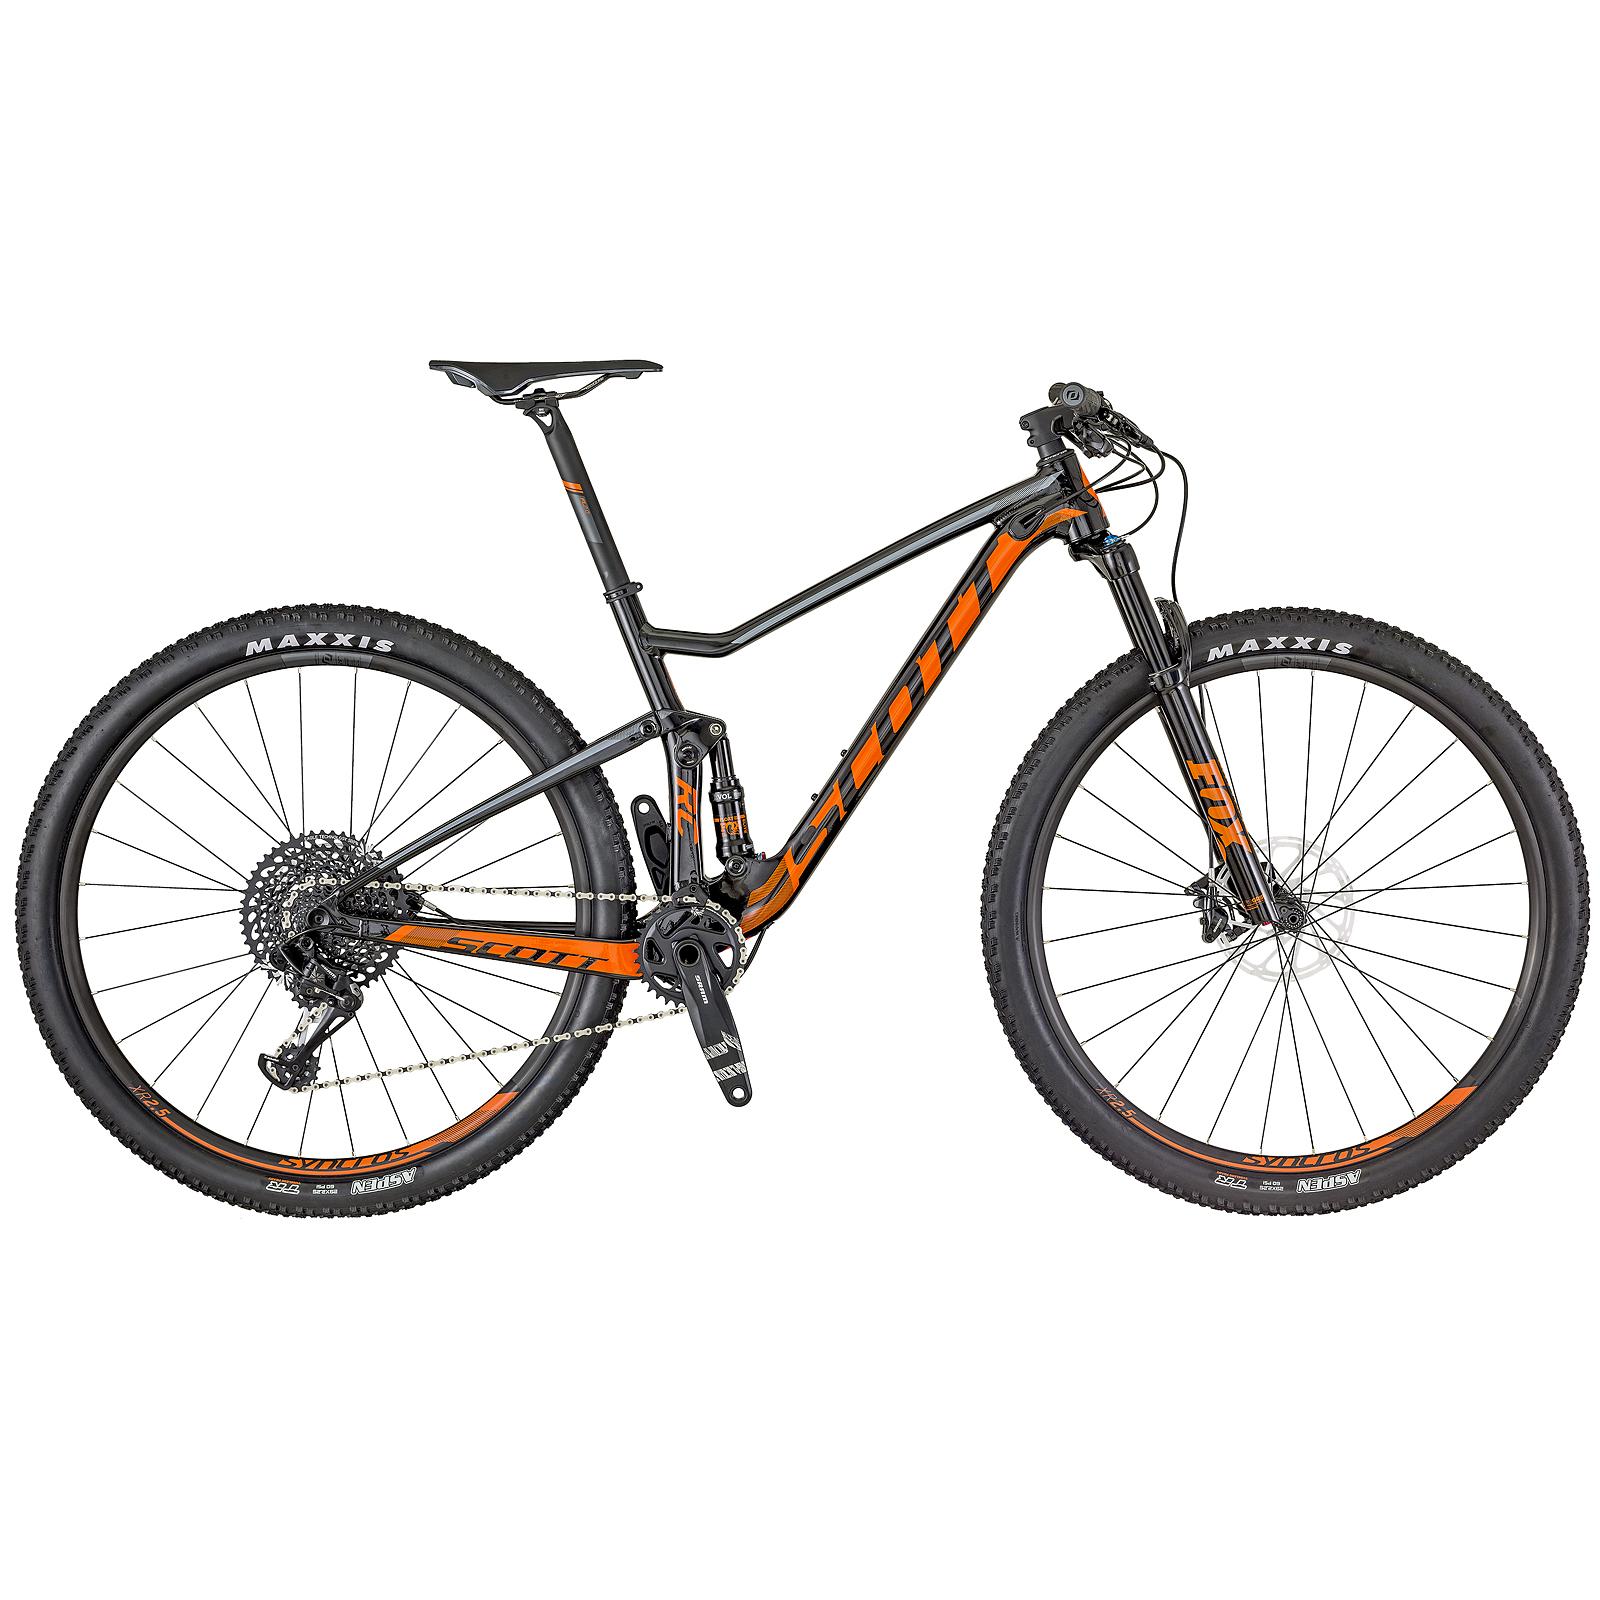 Scott Spark Rc Comp 2018 >> Scott Spark RC 900 Comp 29'' Carbon MTB Fahrrad schwarz/orange 2018   von Top Marken online ...